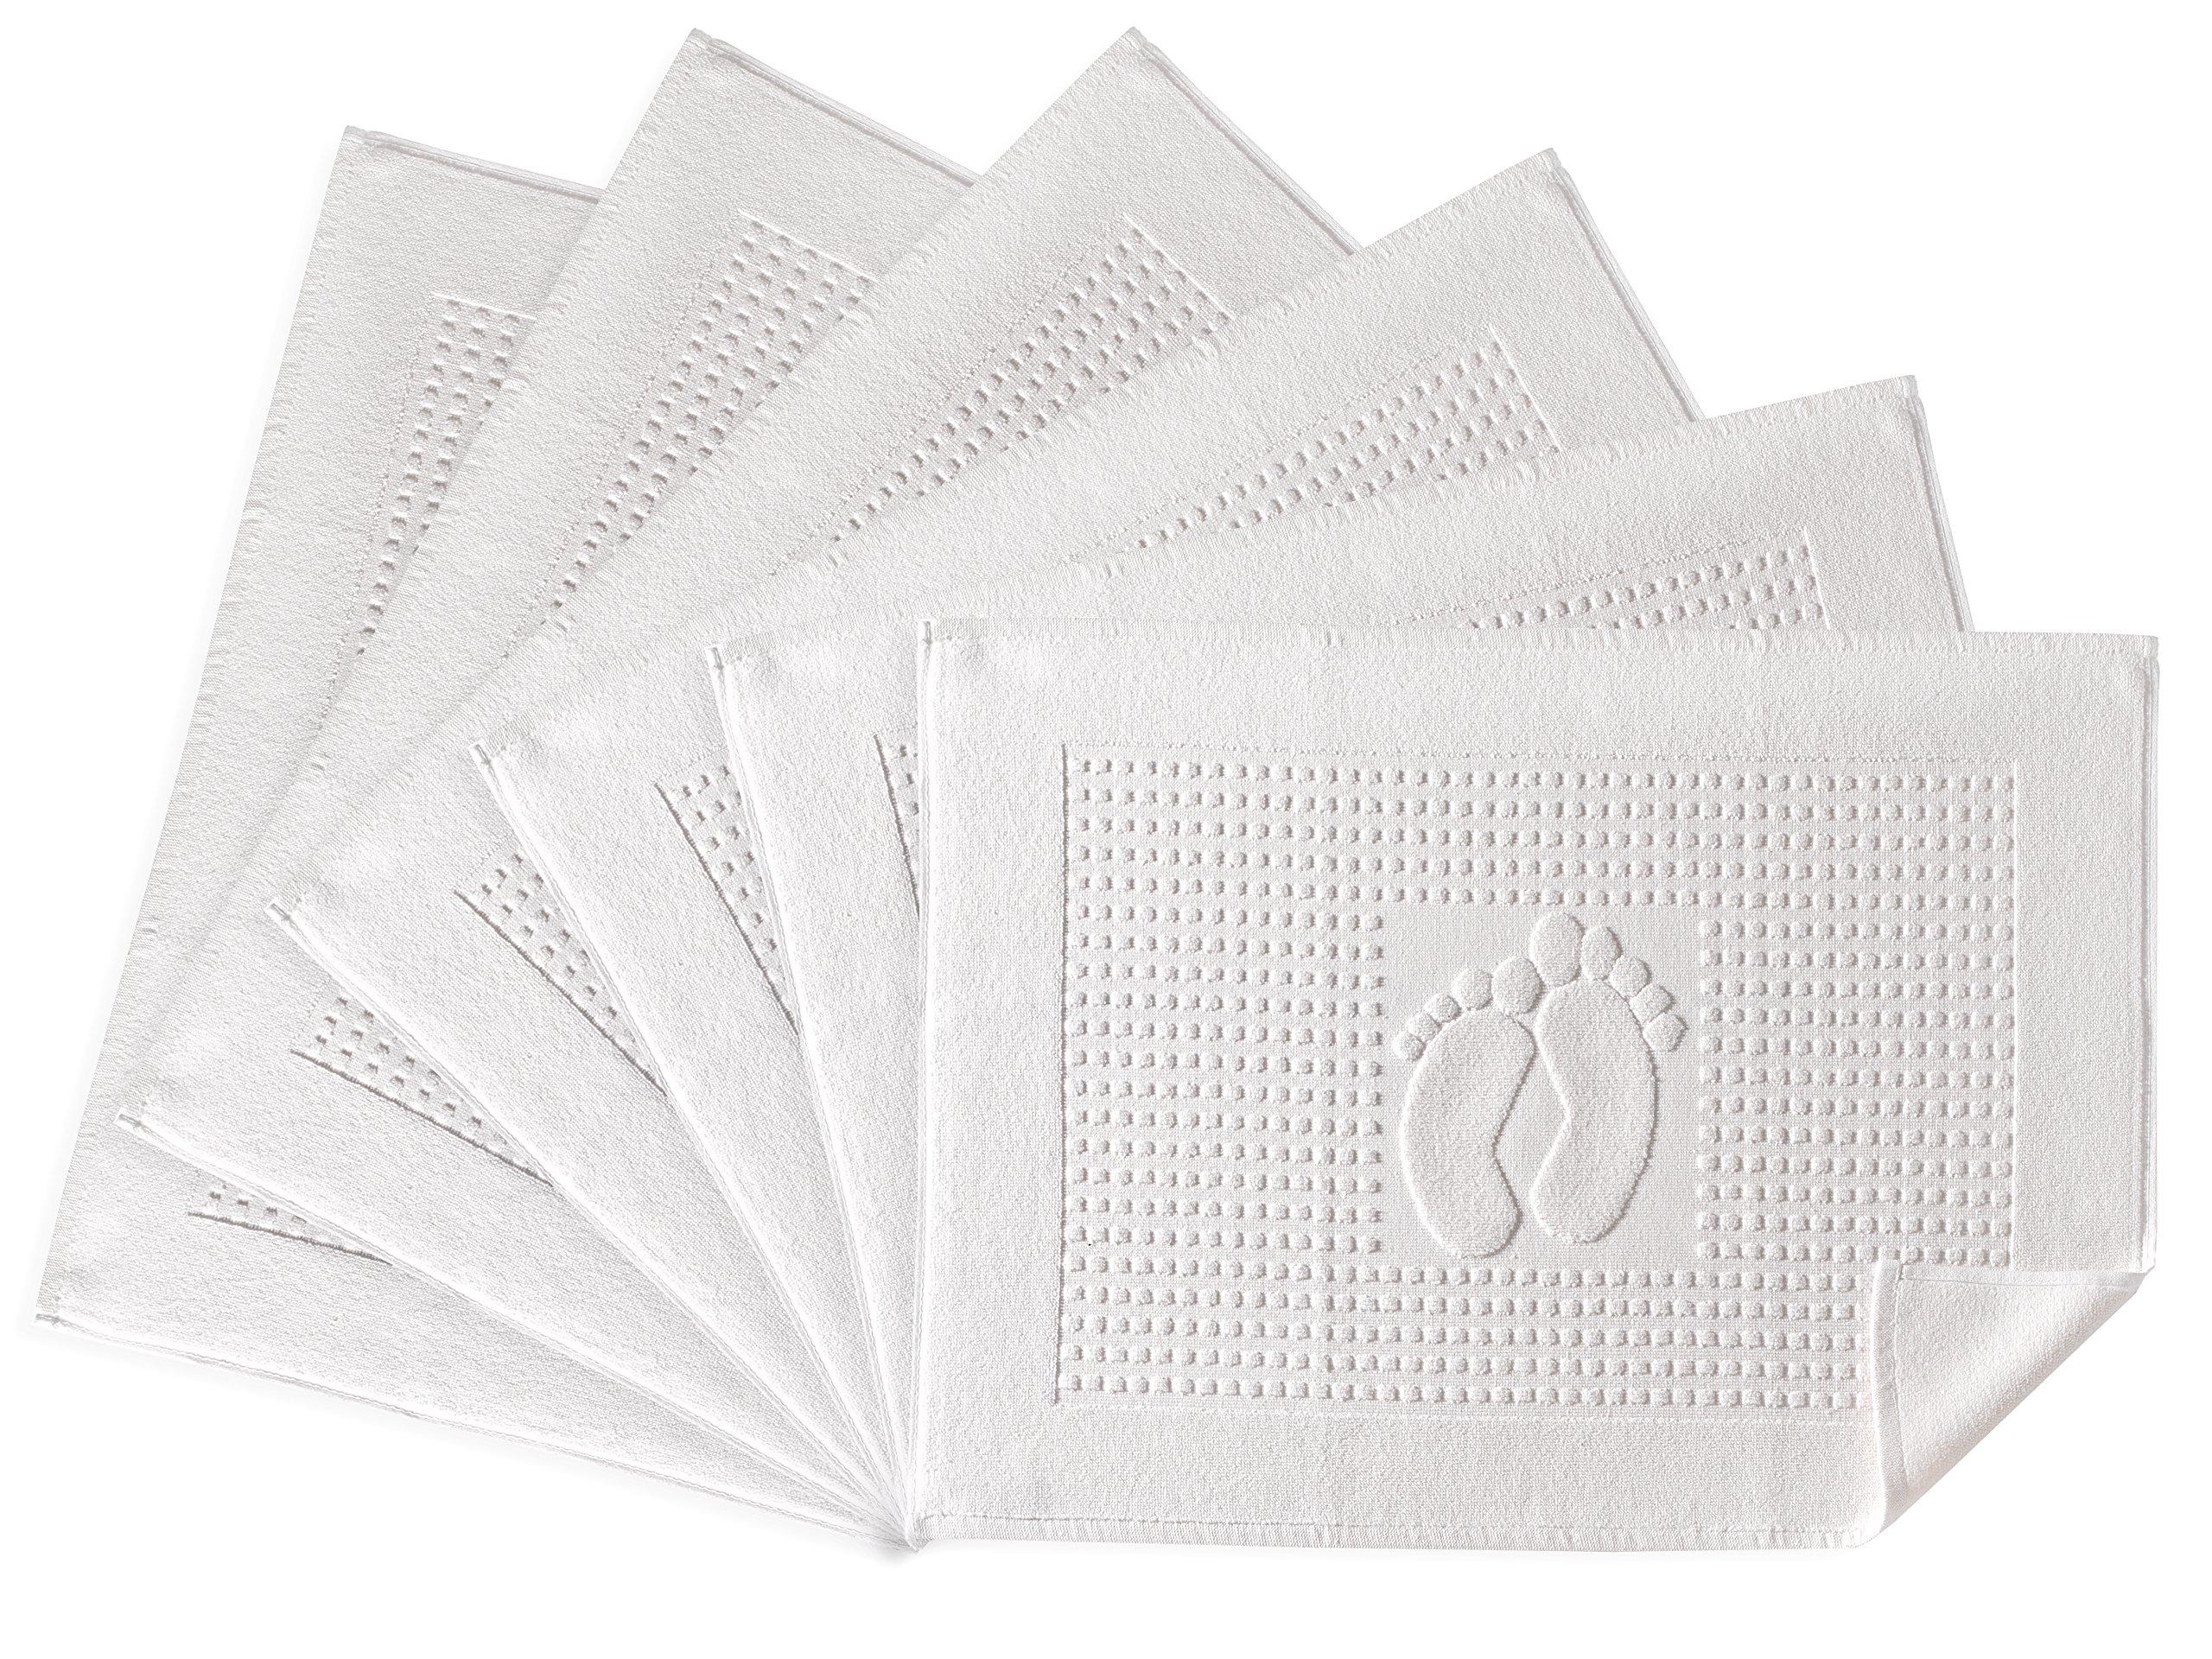 Bath Rug Bathroom Floor Mats - Washable Bathtub Shower Sink Floor Towels - 100% Turkish Cotton Bath Mat Foot Towels (6, Cream)